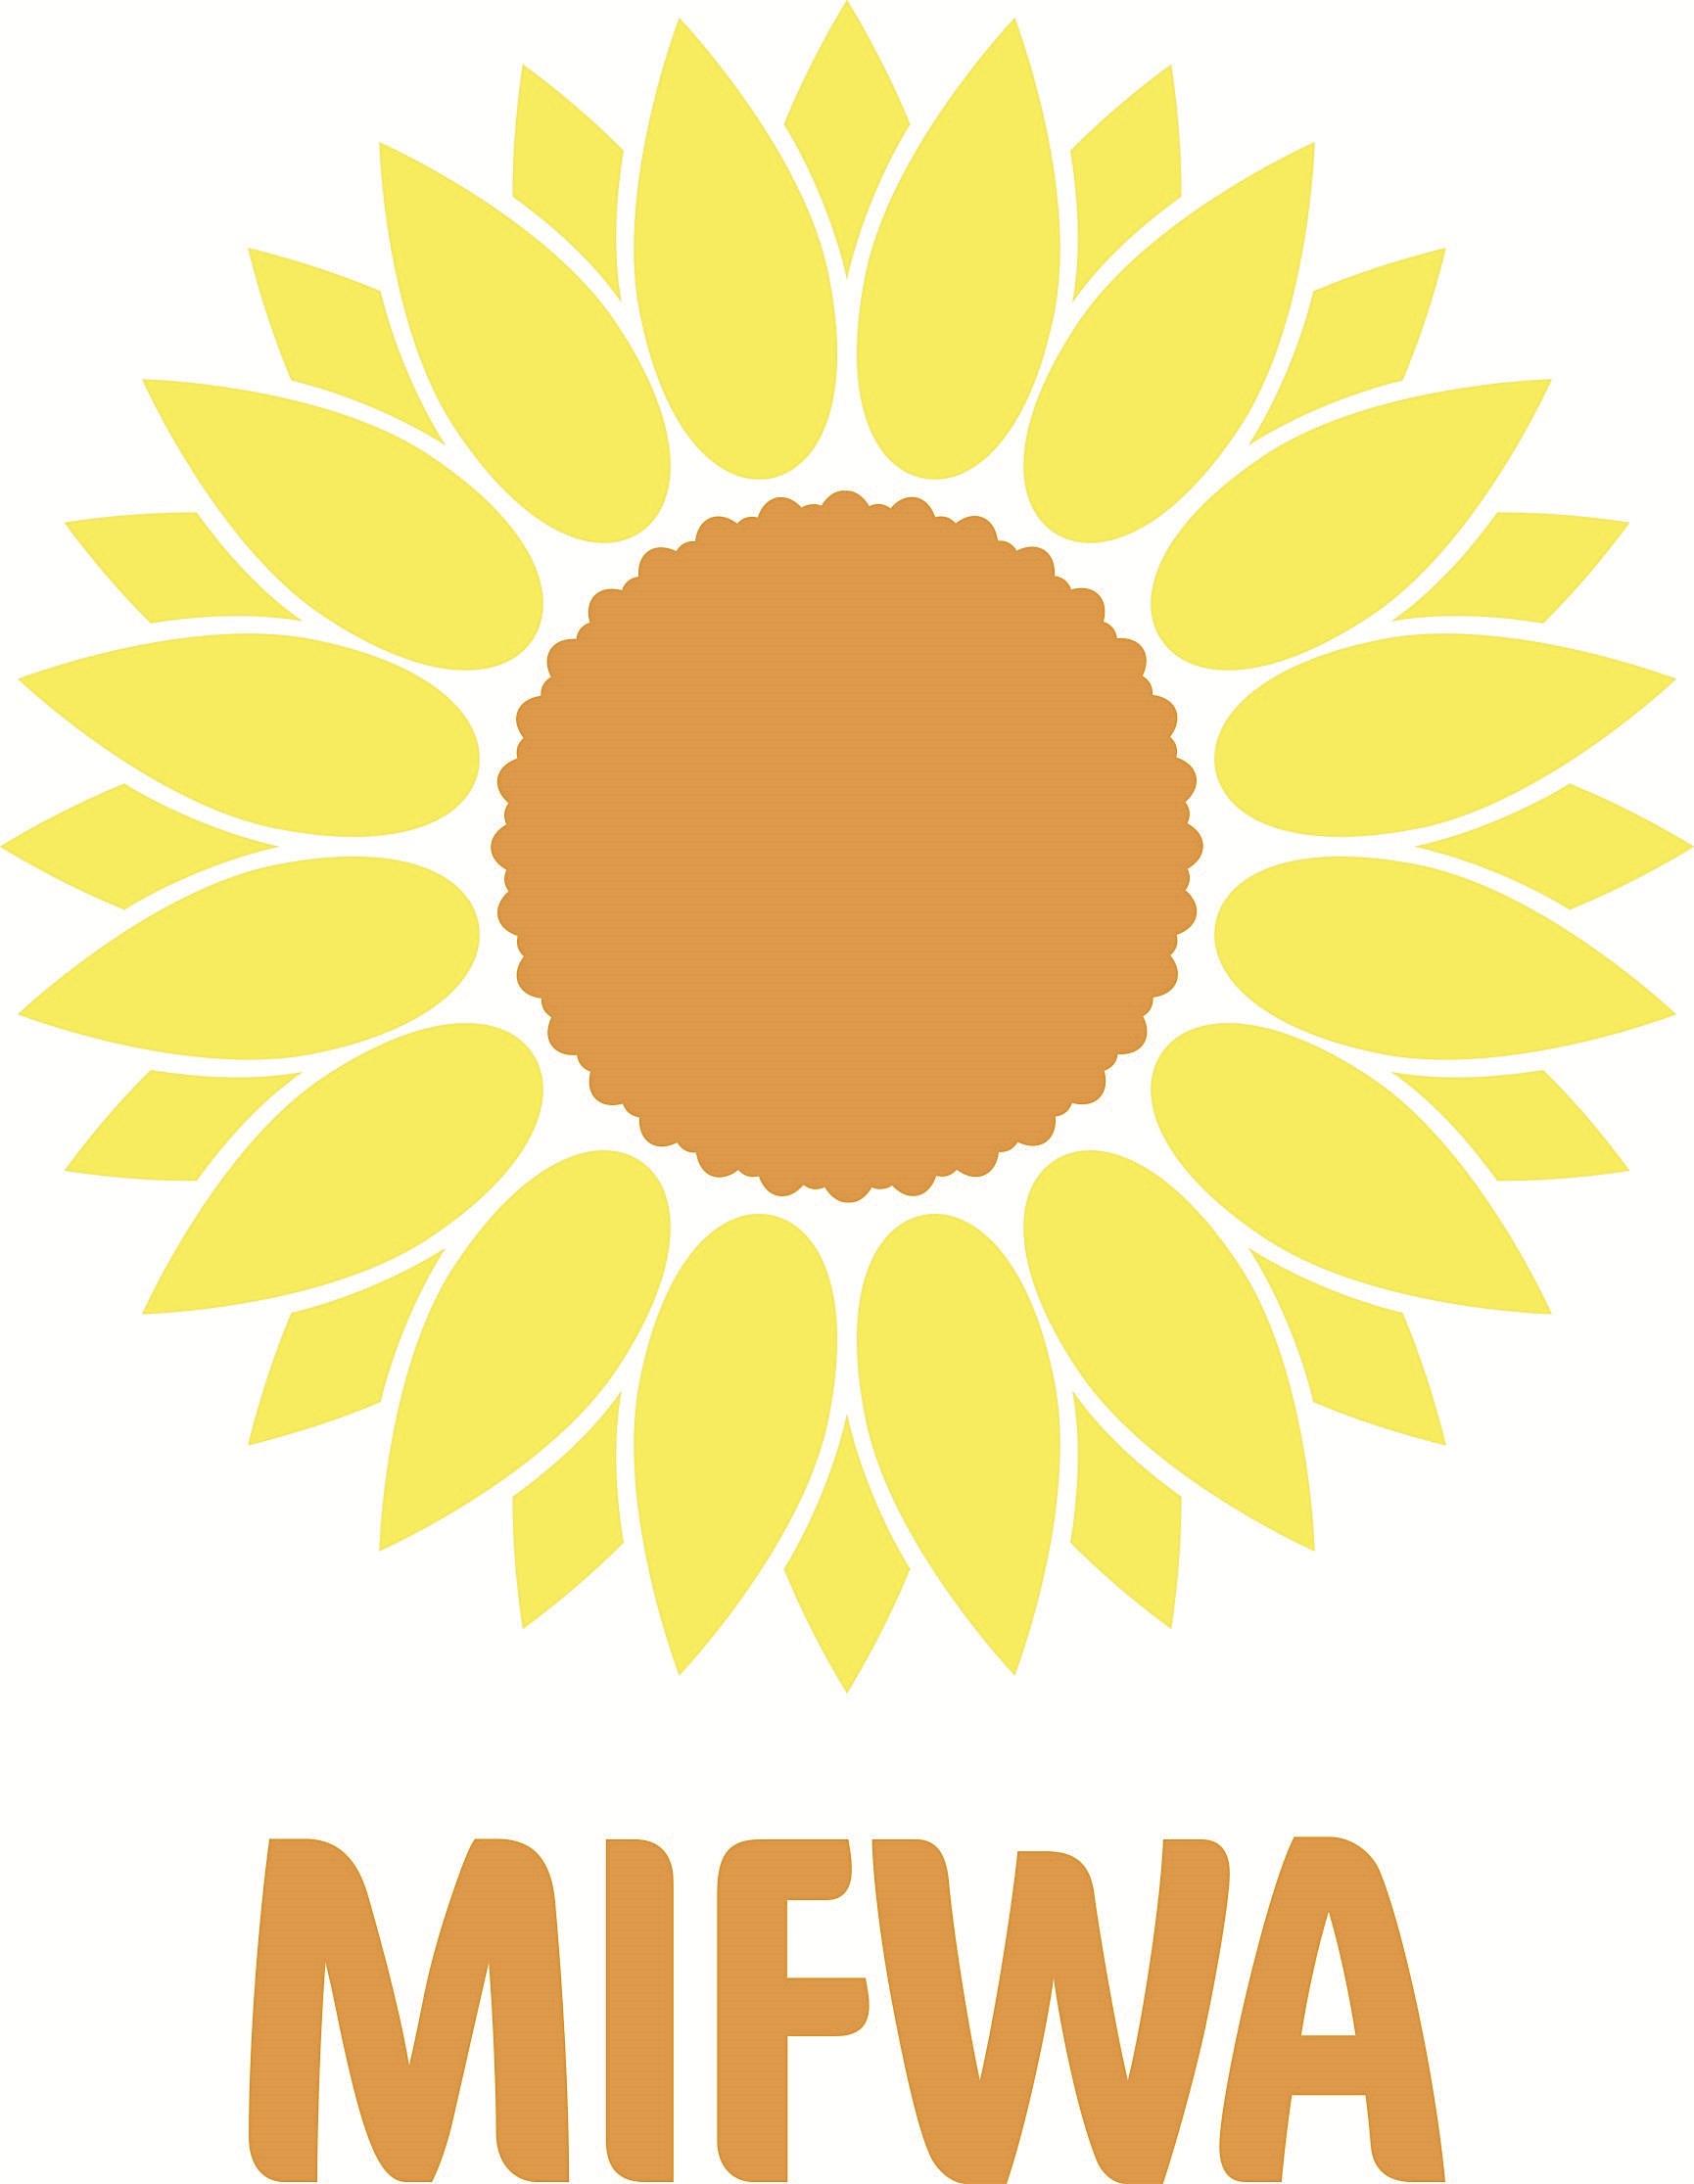 MIFWA